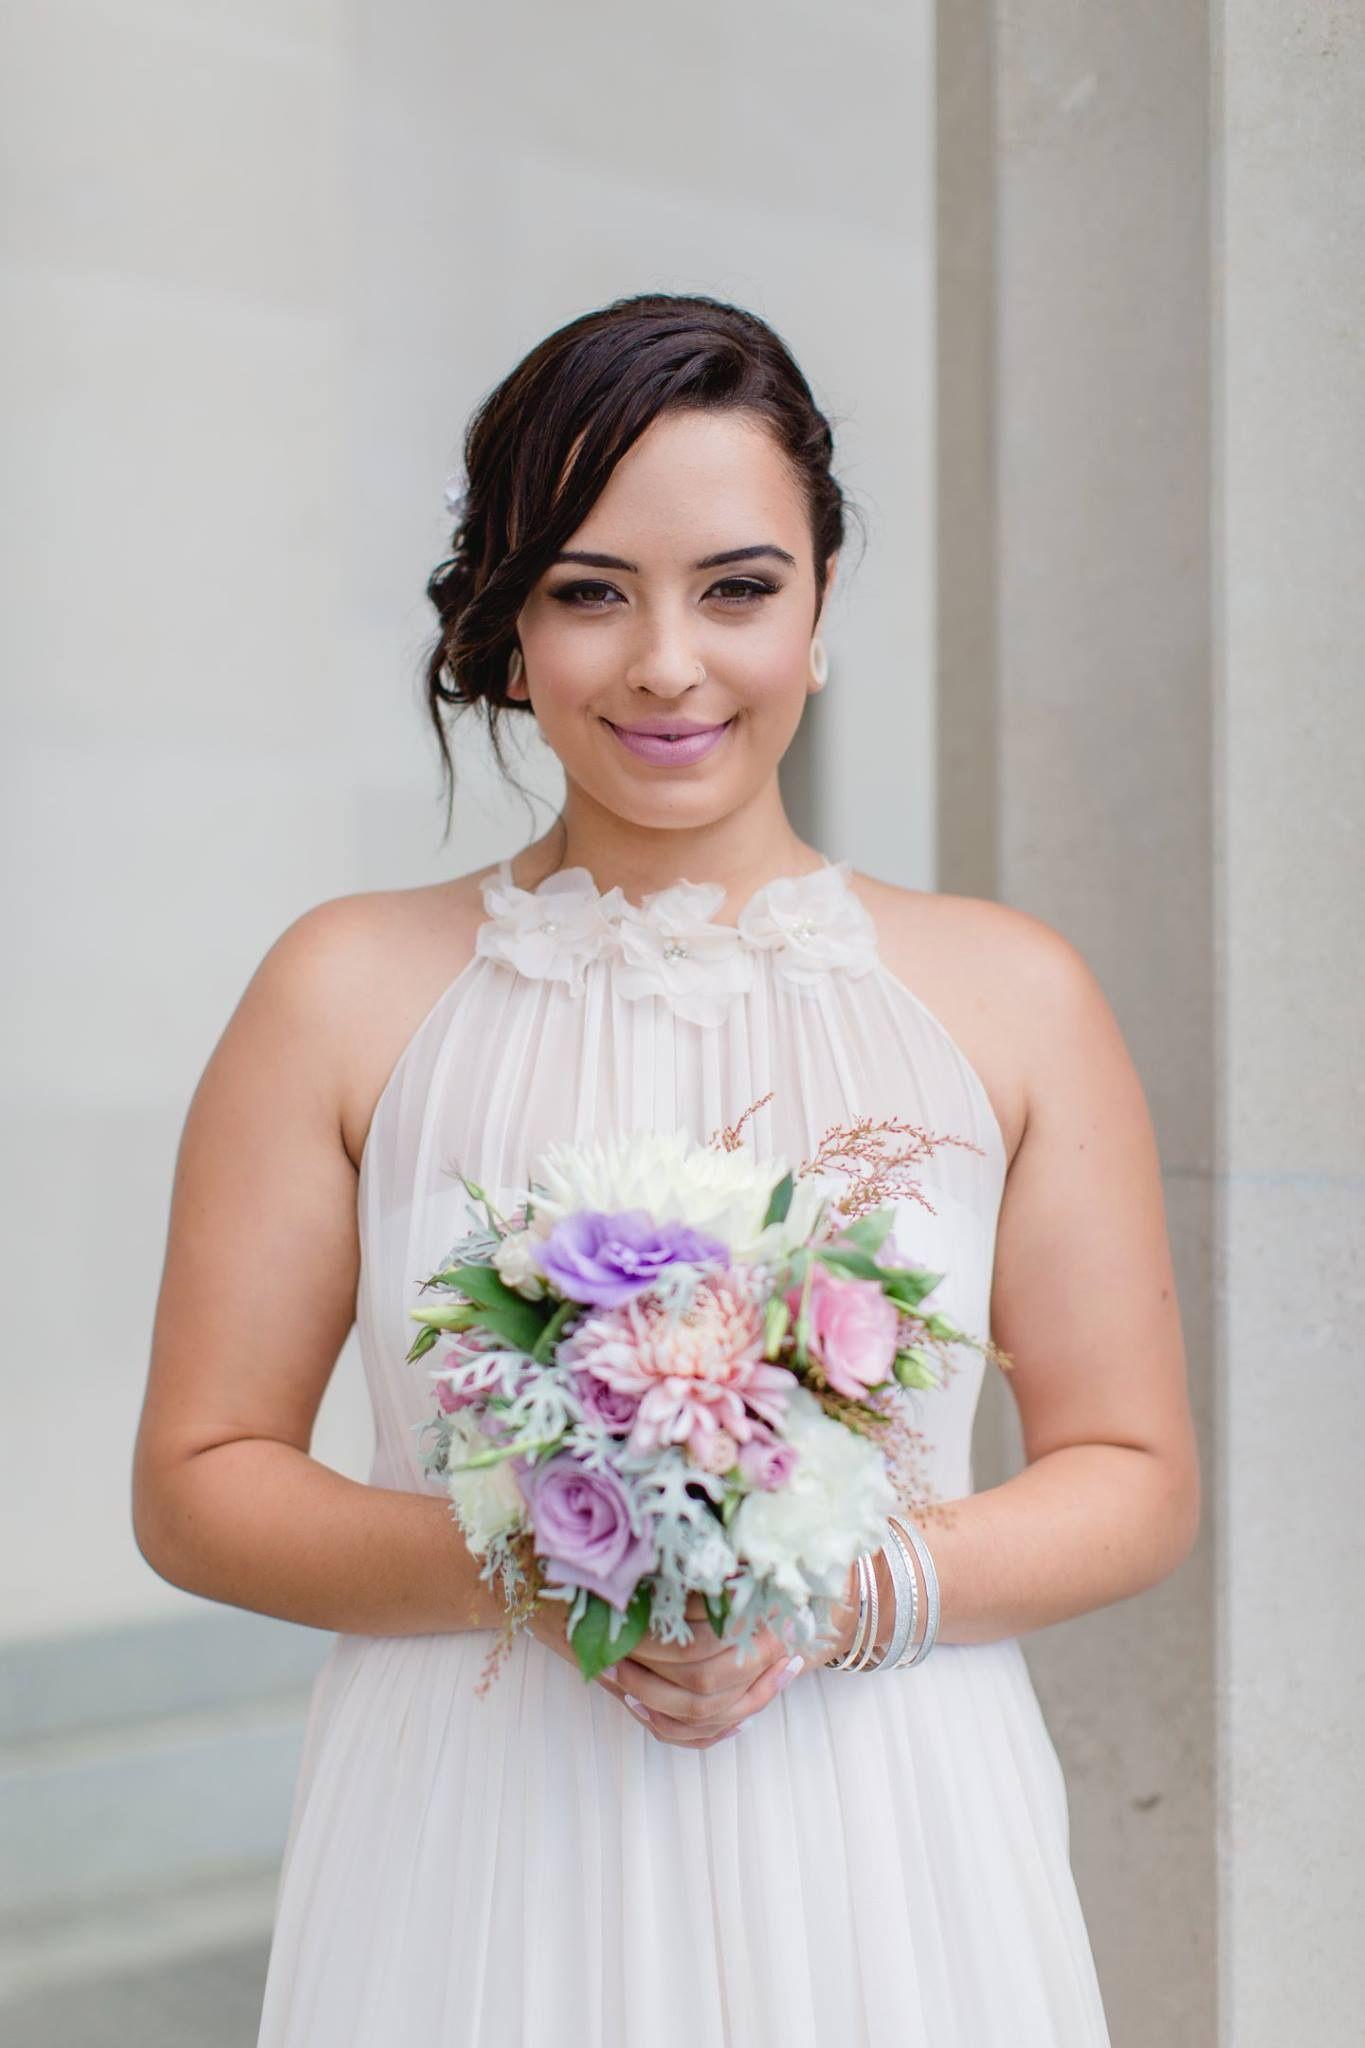 natural wedding makeup look makeup by eve makeup artistry